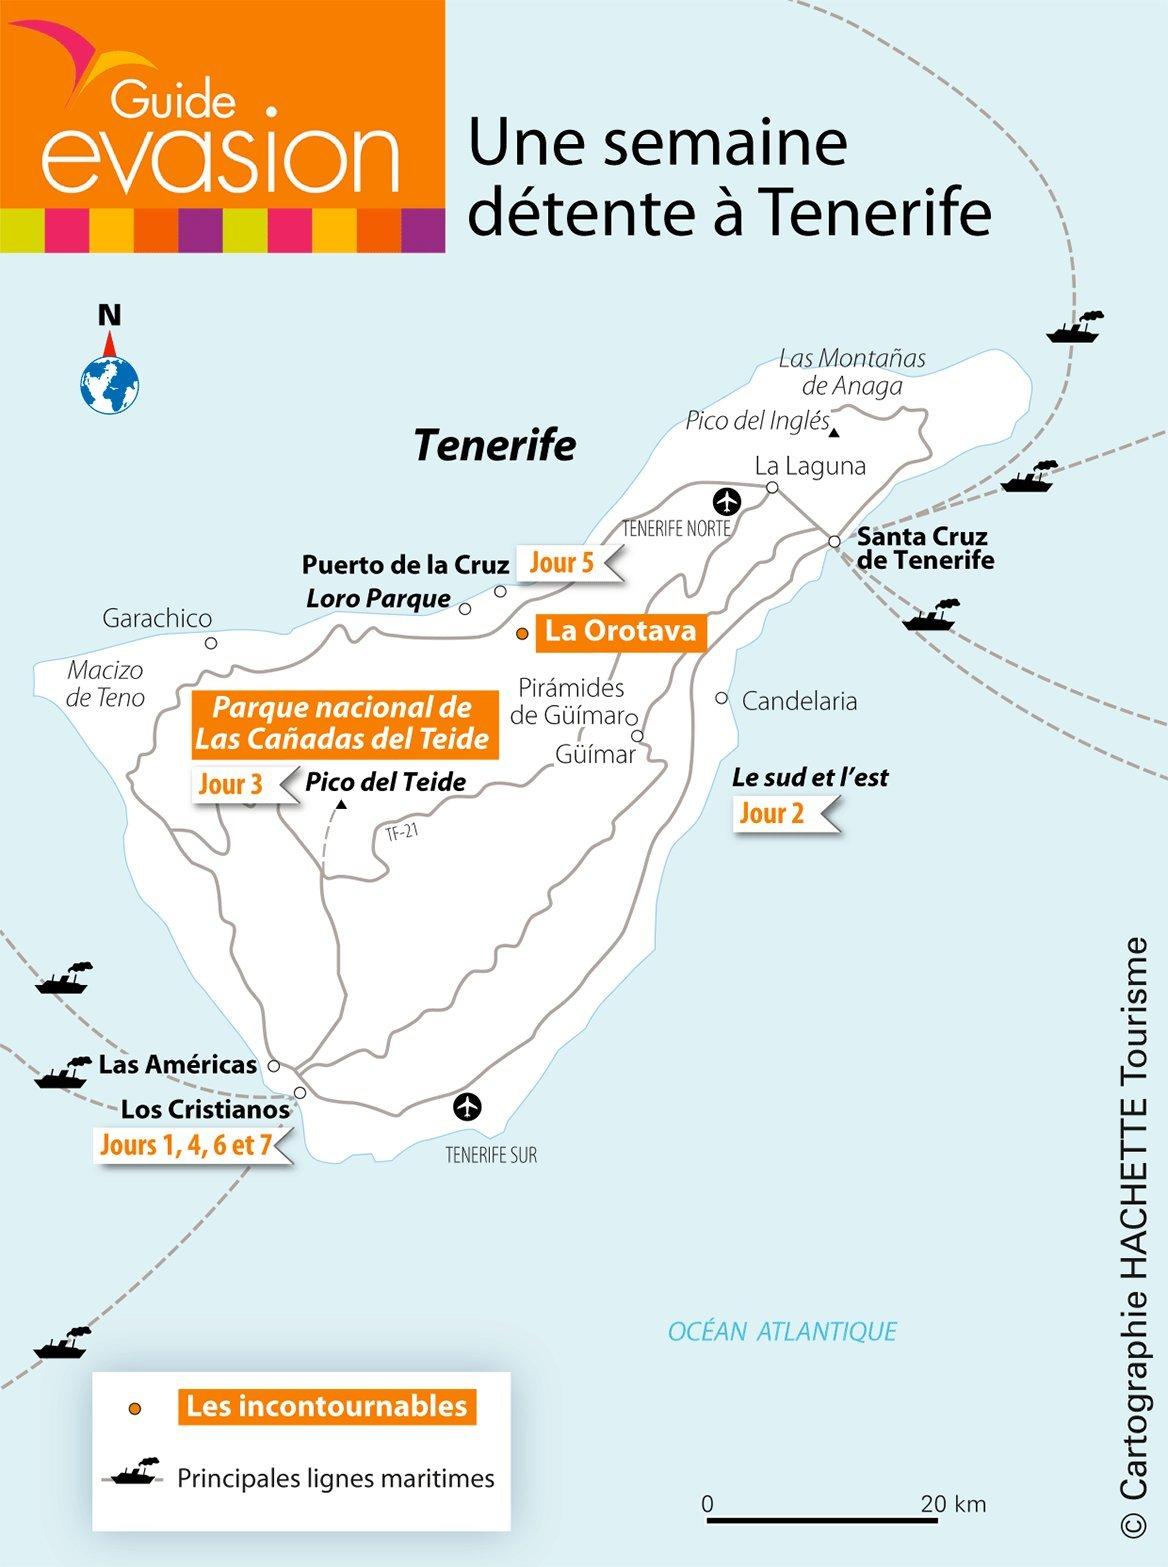 Circuit 1 : Une semaine détente à Tenerife